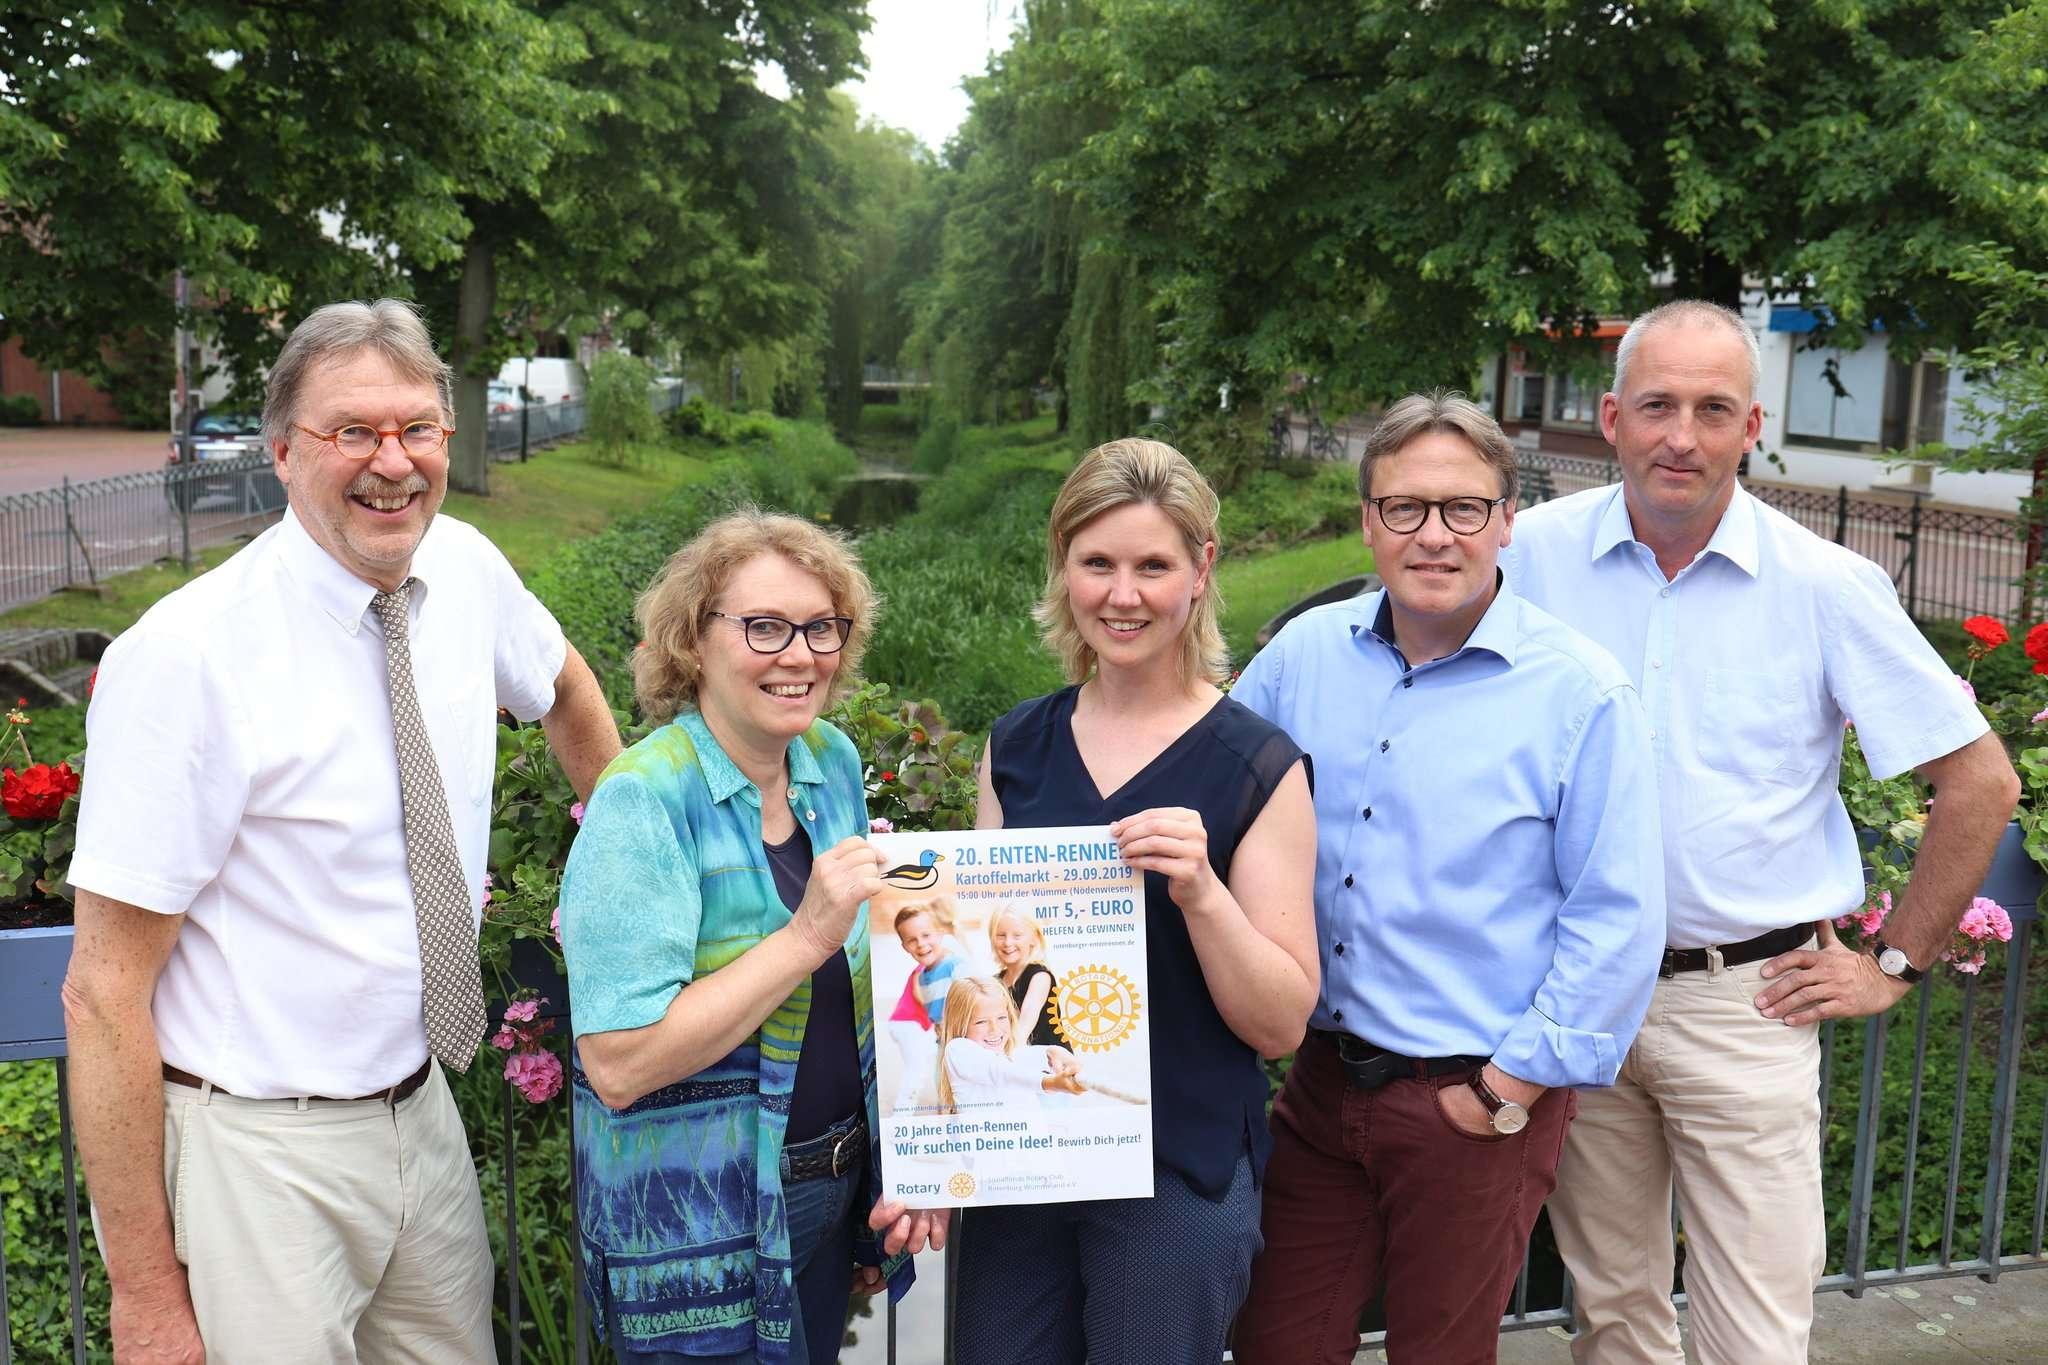 Claus Burhfeind (von links), Birgit Karkmann-Renner, Stefanie Siegmund, Torsten Meyer und Steffen Holsten werben für das Entenrennen in Rotenburg.